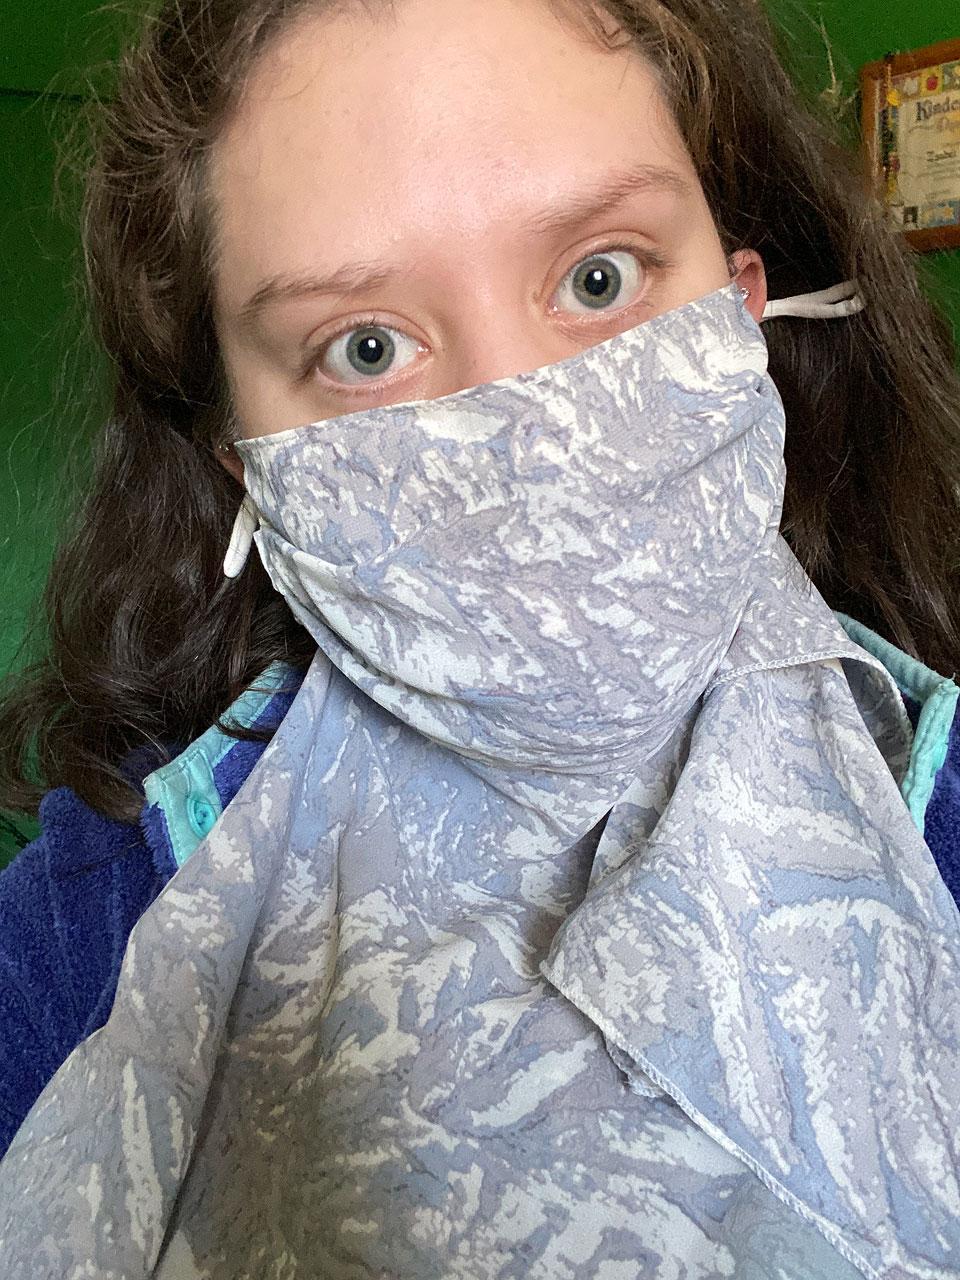 Isabel Aguilar shares a mask selfie